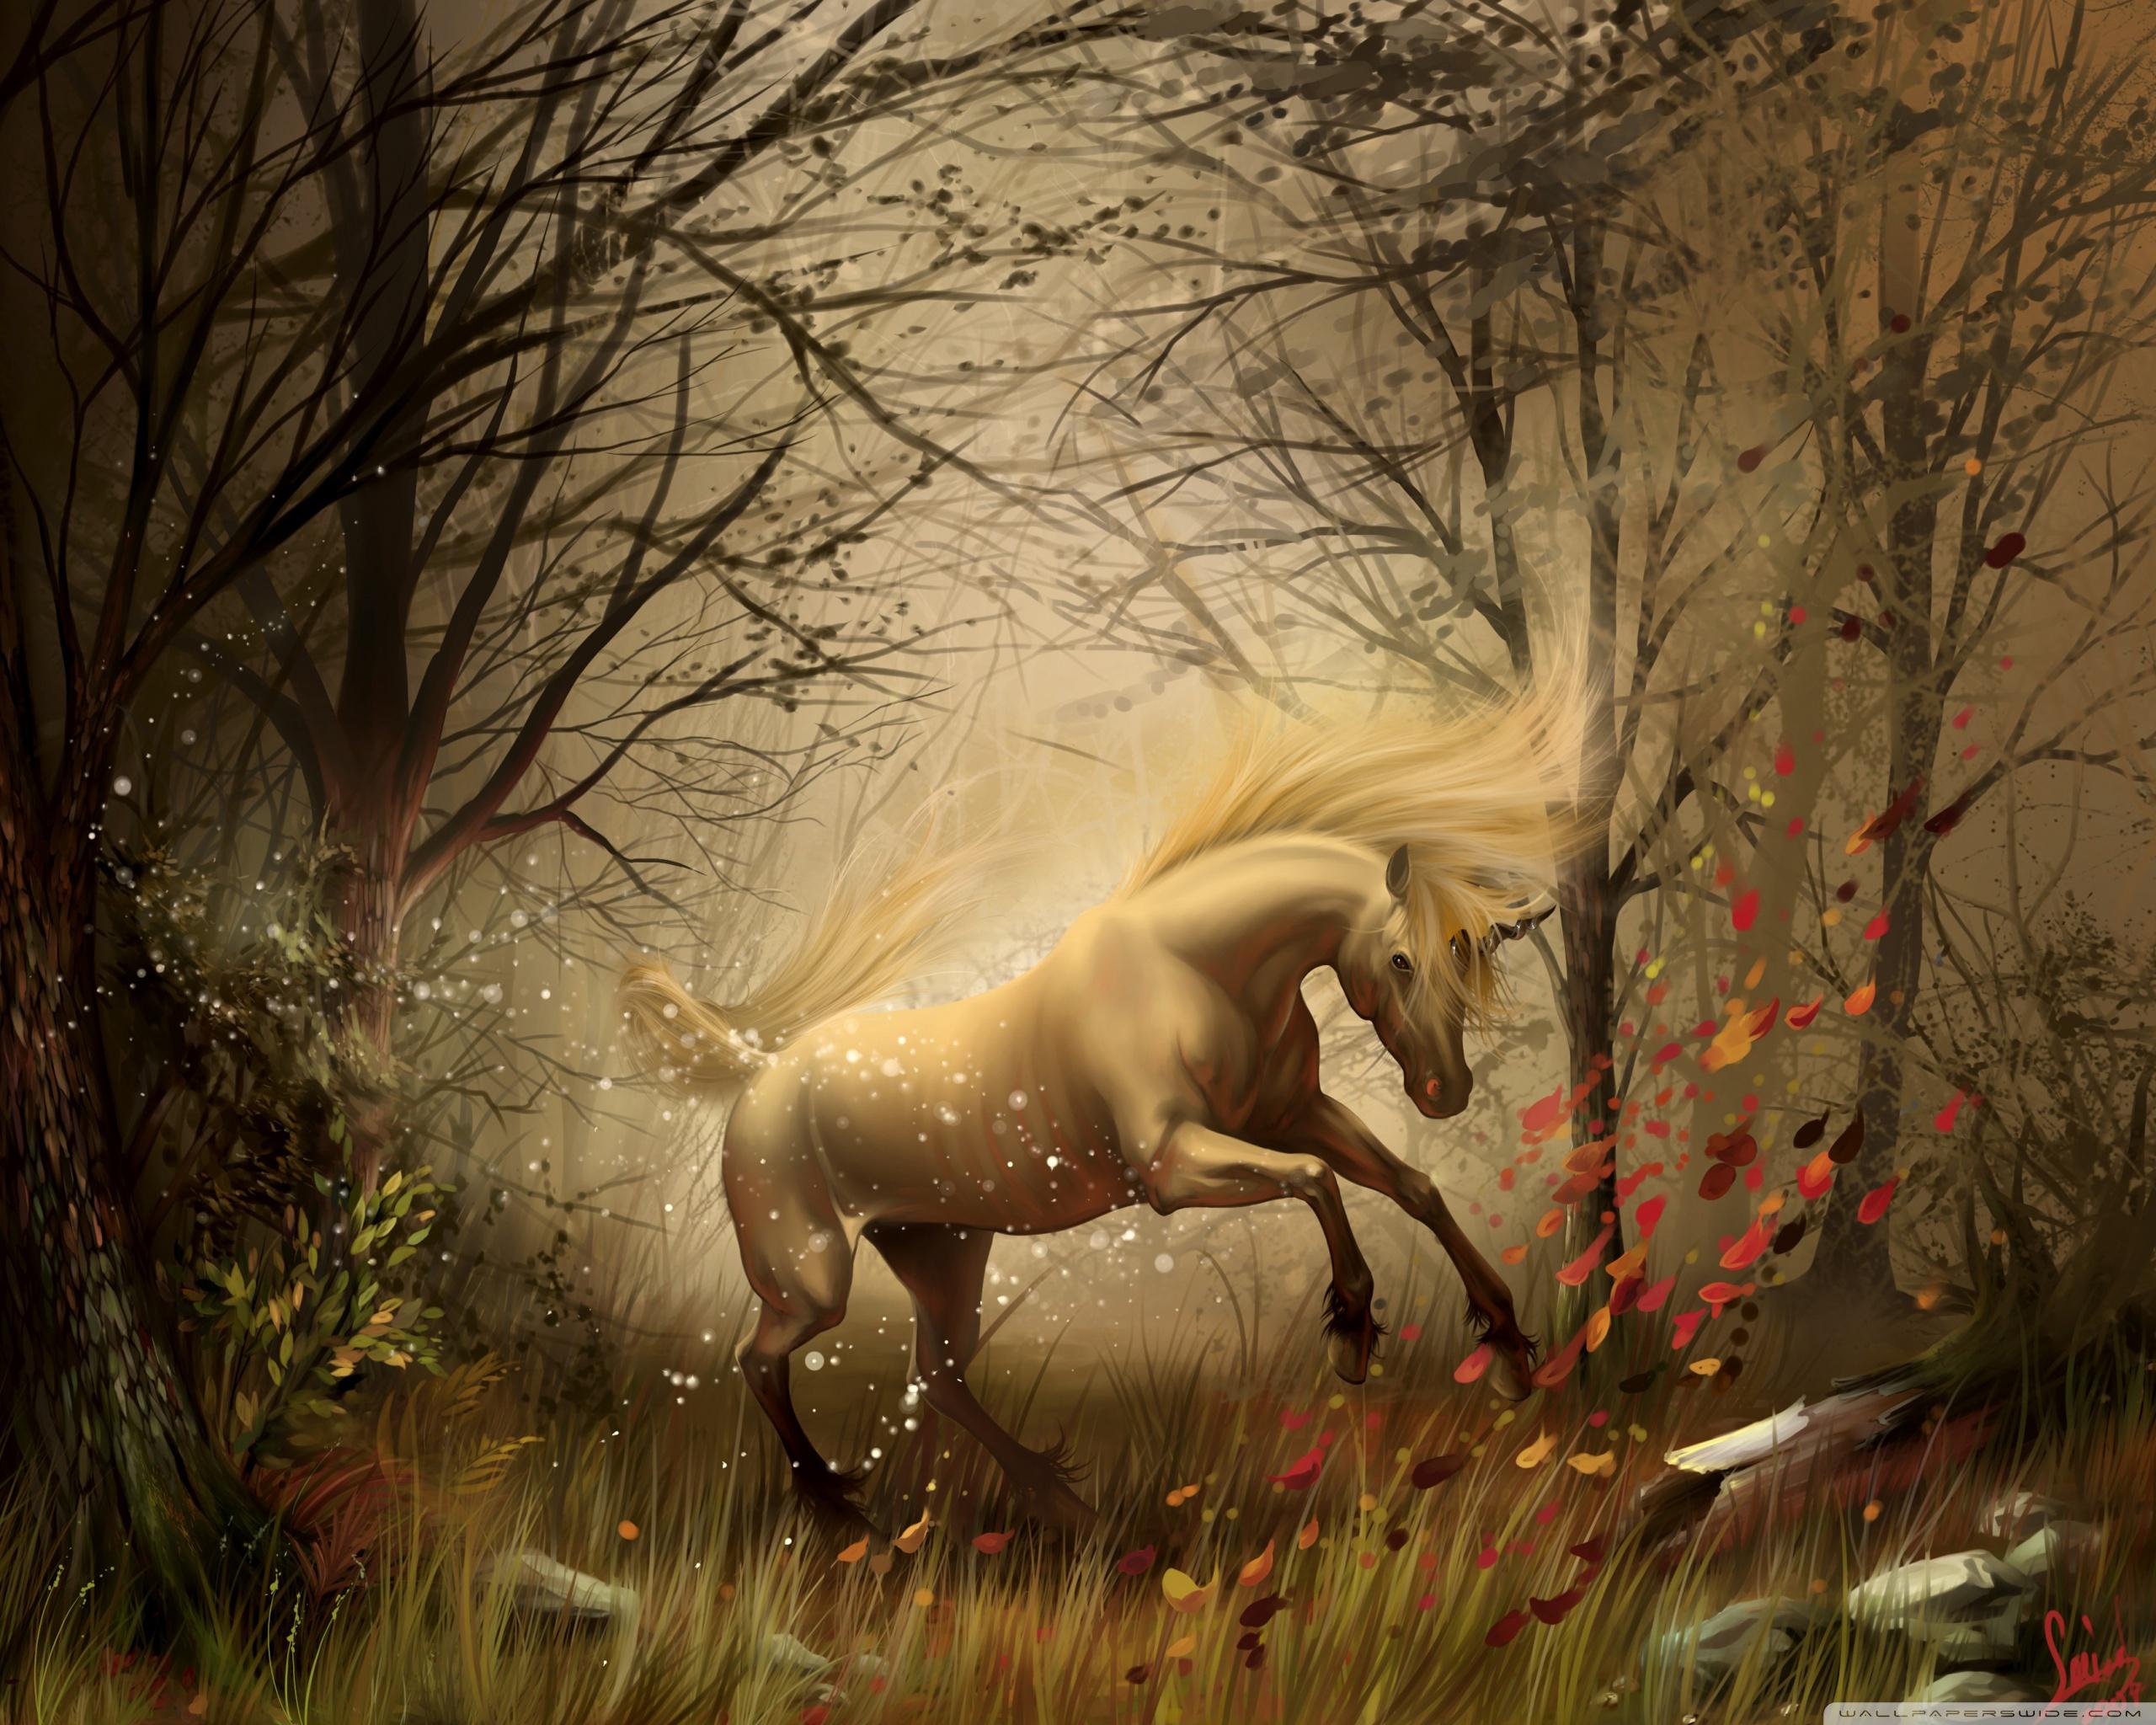 Magic Horse 2560x2048 Wallpaper Teahub Io